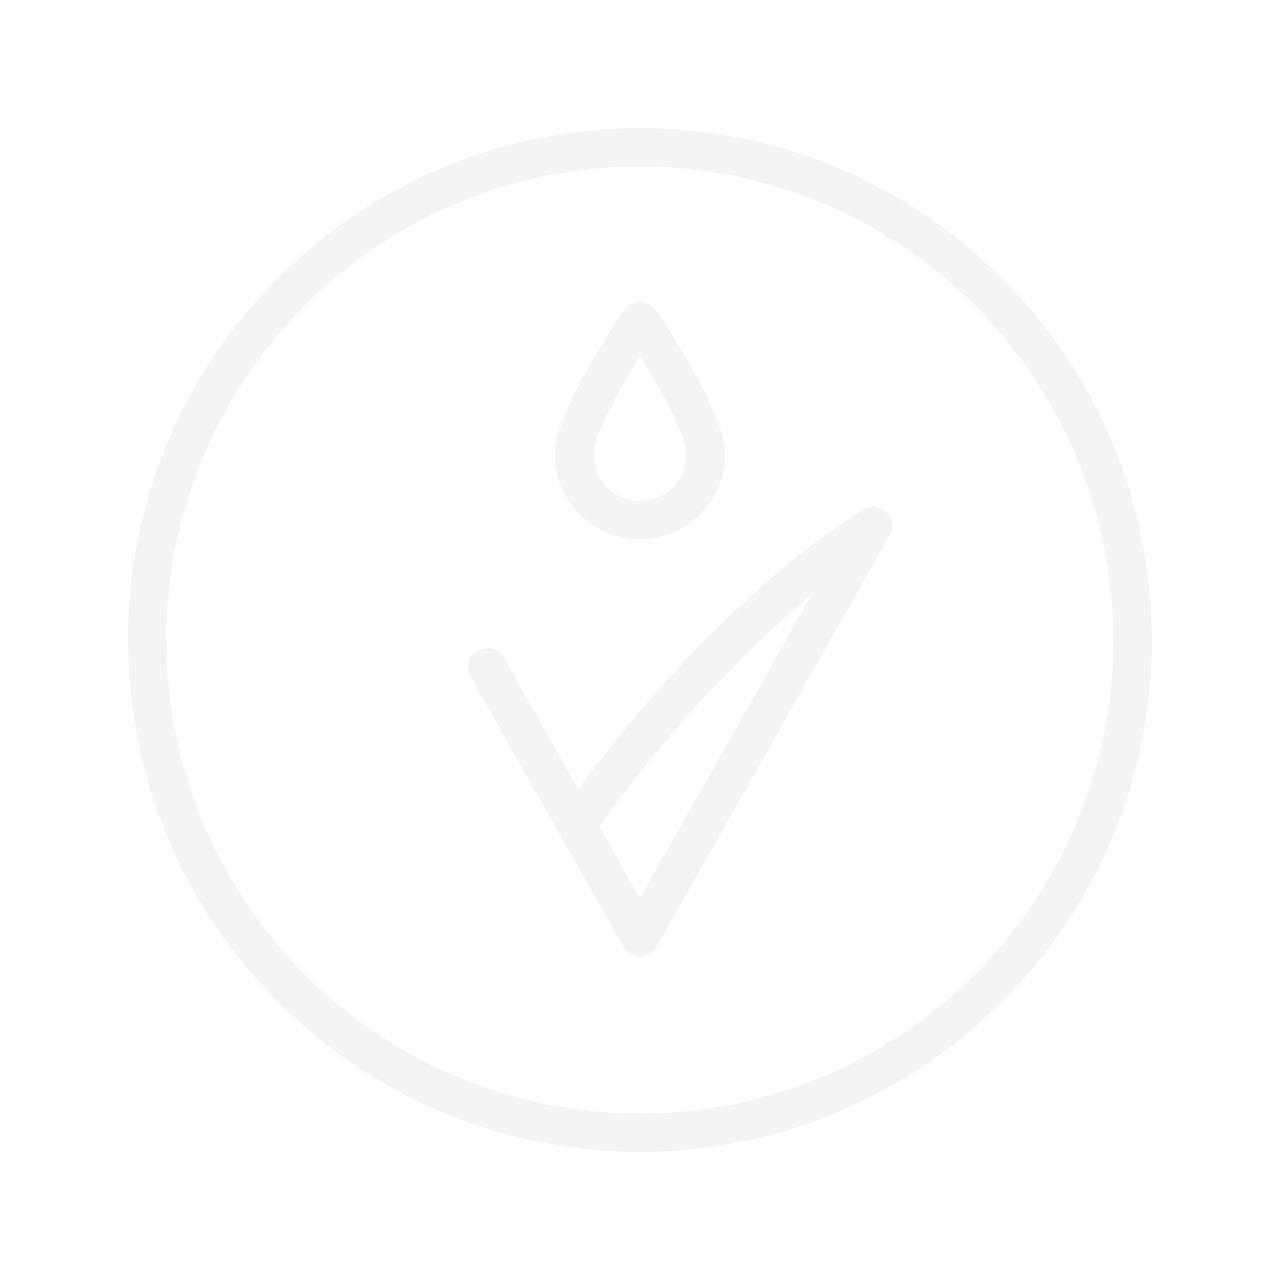 Sleek Makeup Cream Contour Kit No.096 Medium 12g